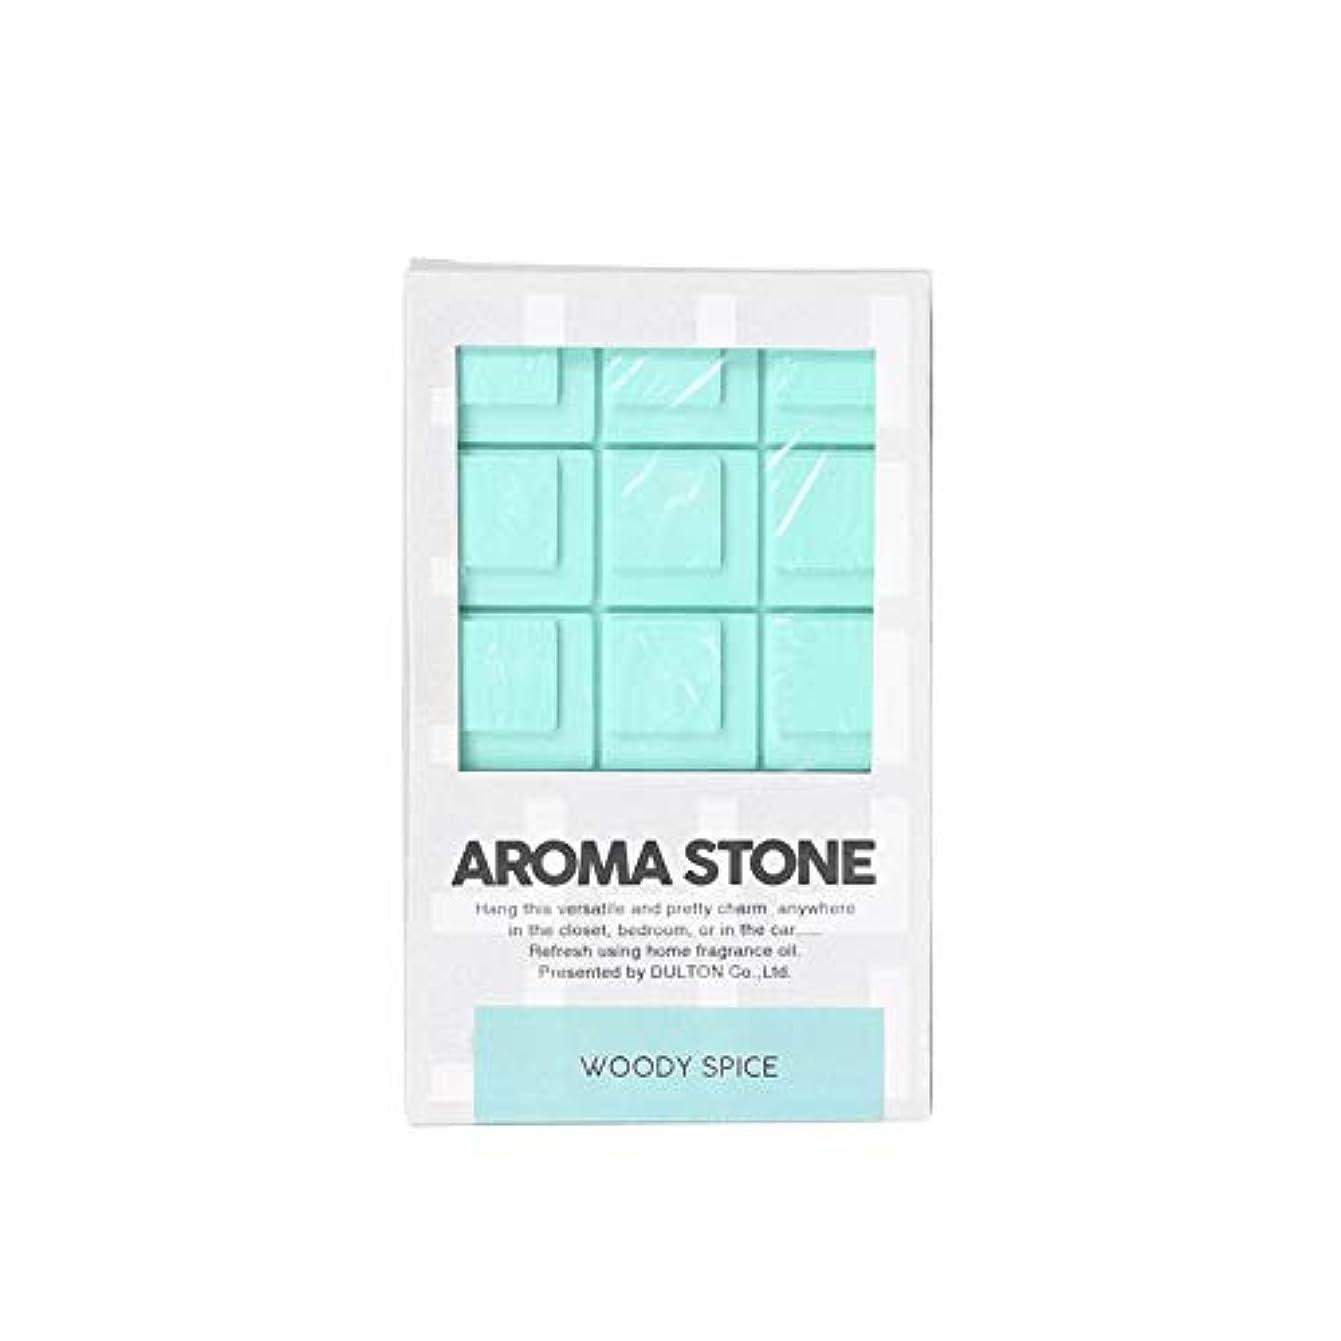 タイプライター章挑発するダルトン Aroma stone アロマストーン G975-1268 Woody spice